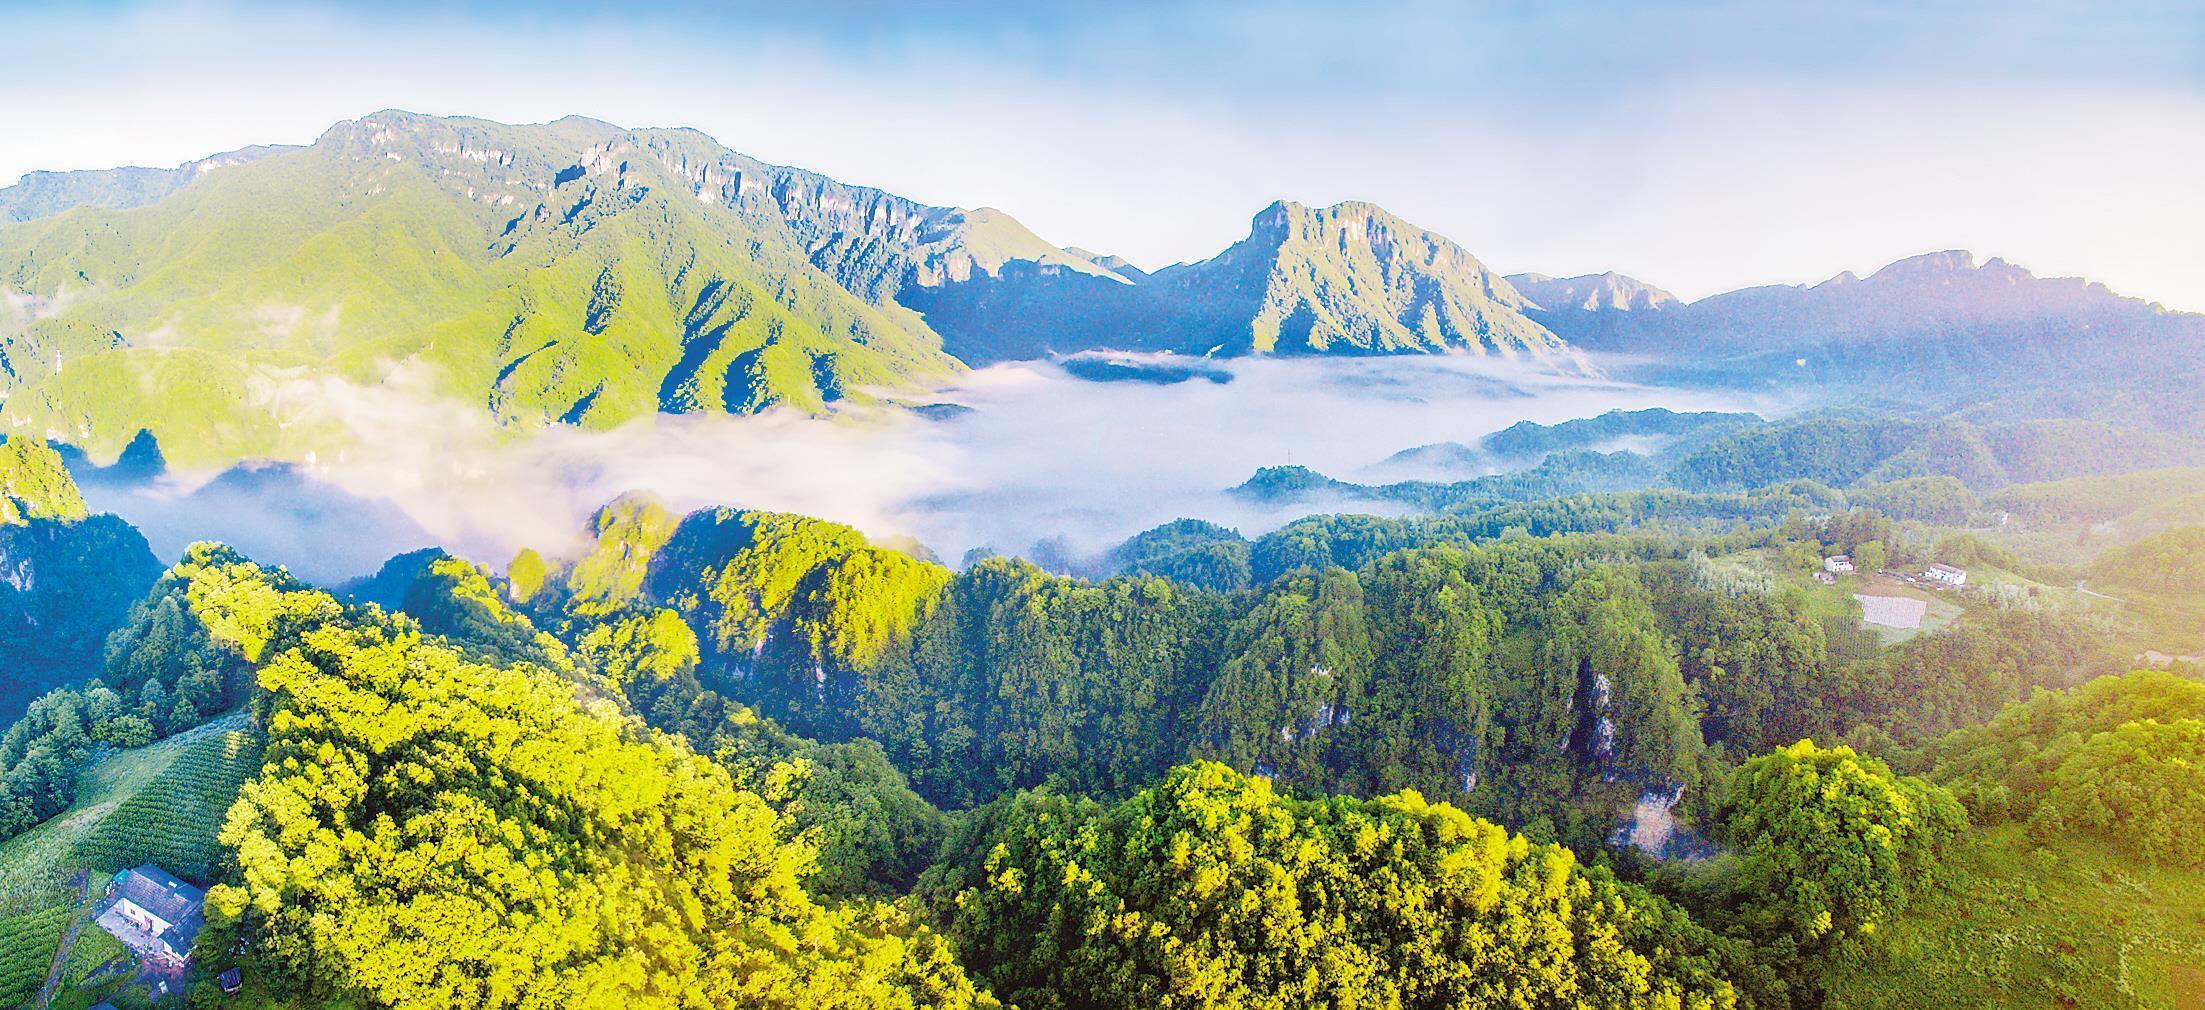 神农架生态系统生产总值超800亿元